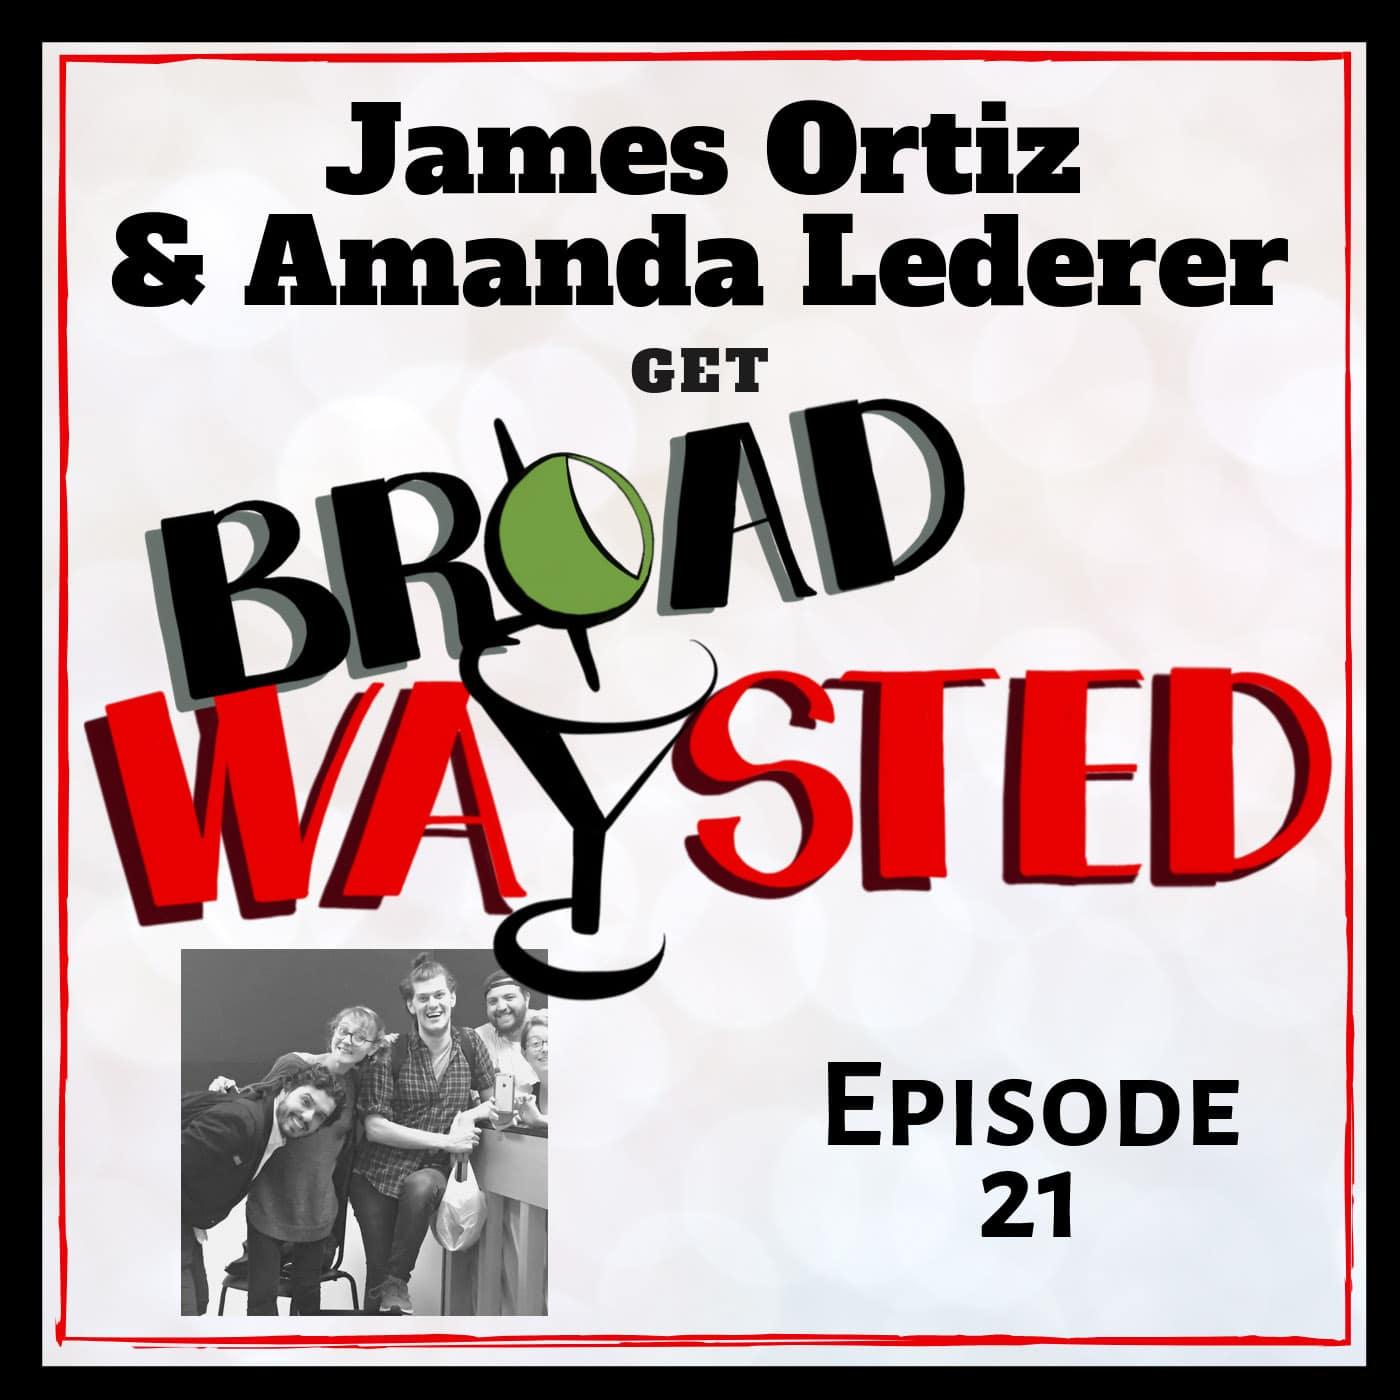 Broadwaysted Ep 21 James Ortiz and Amanda Lede